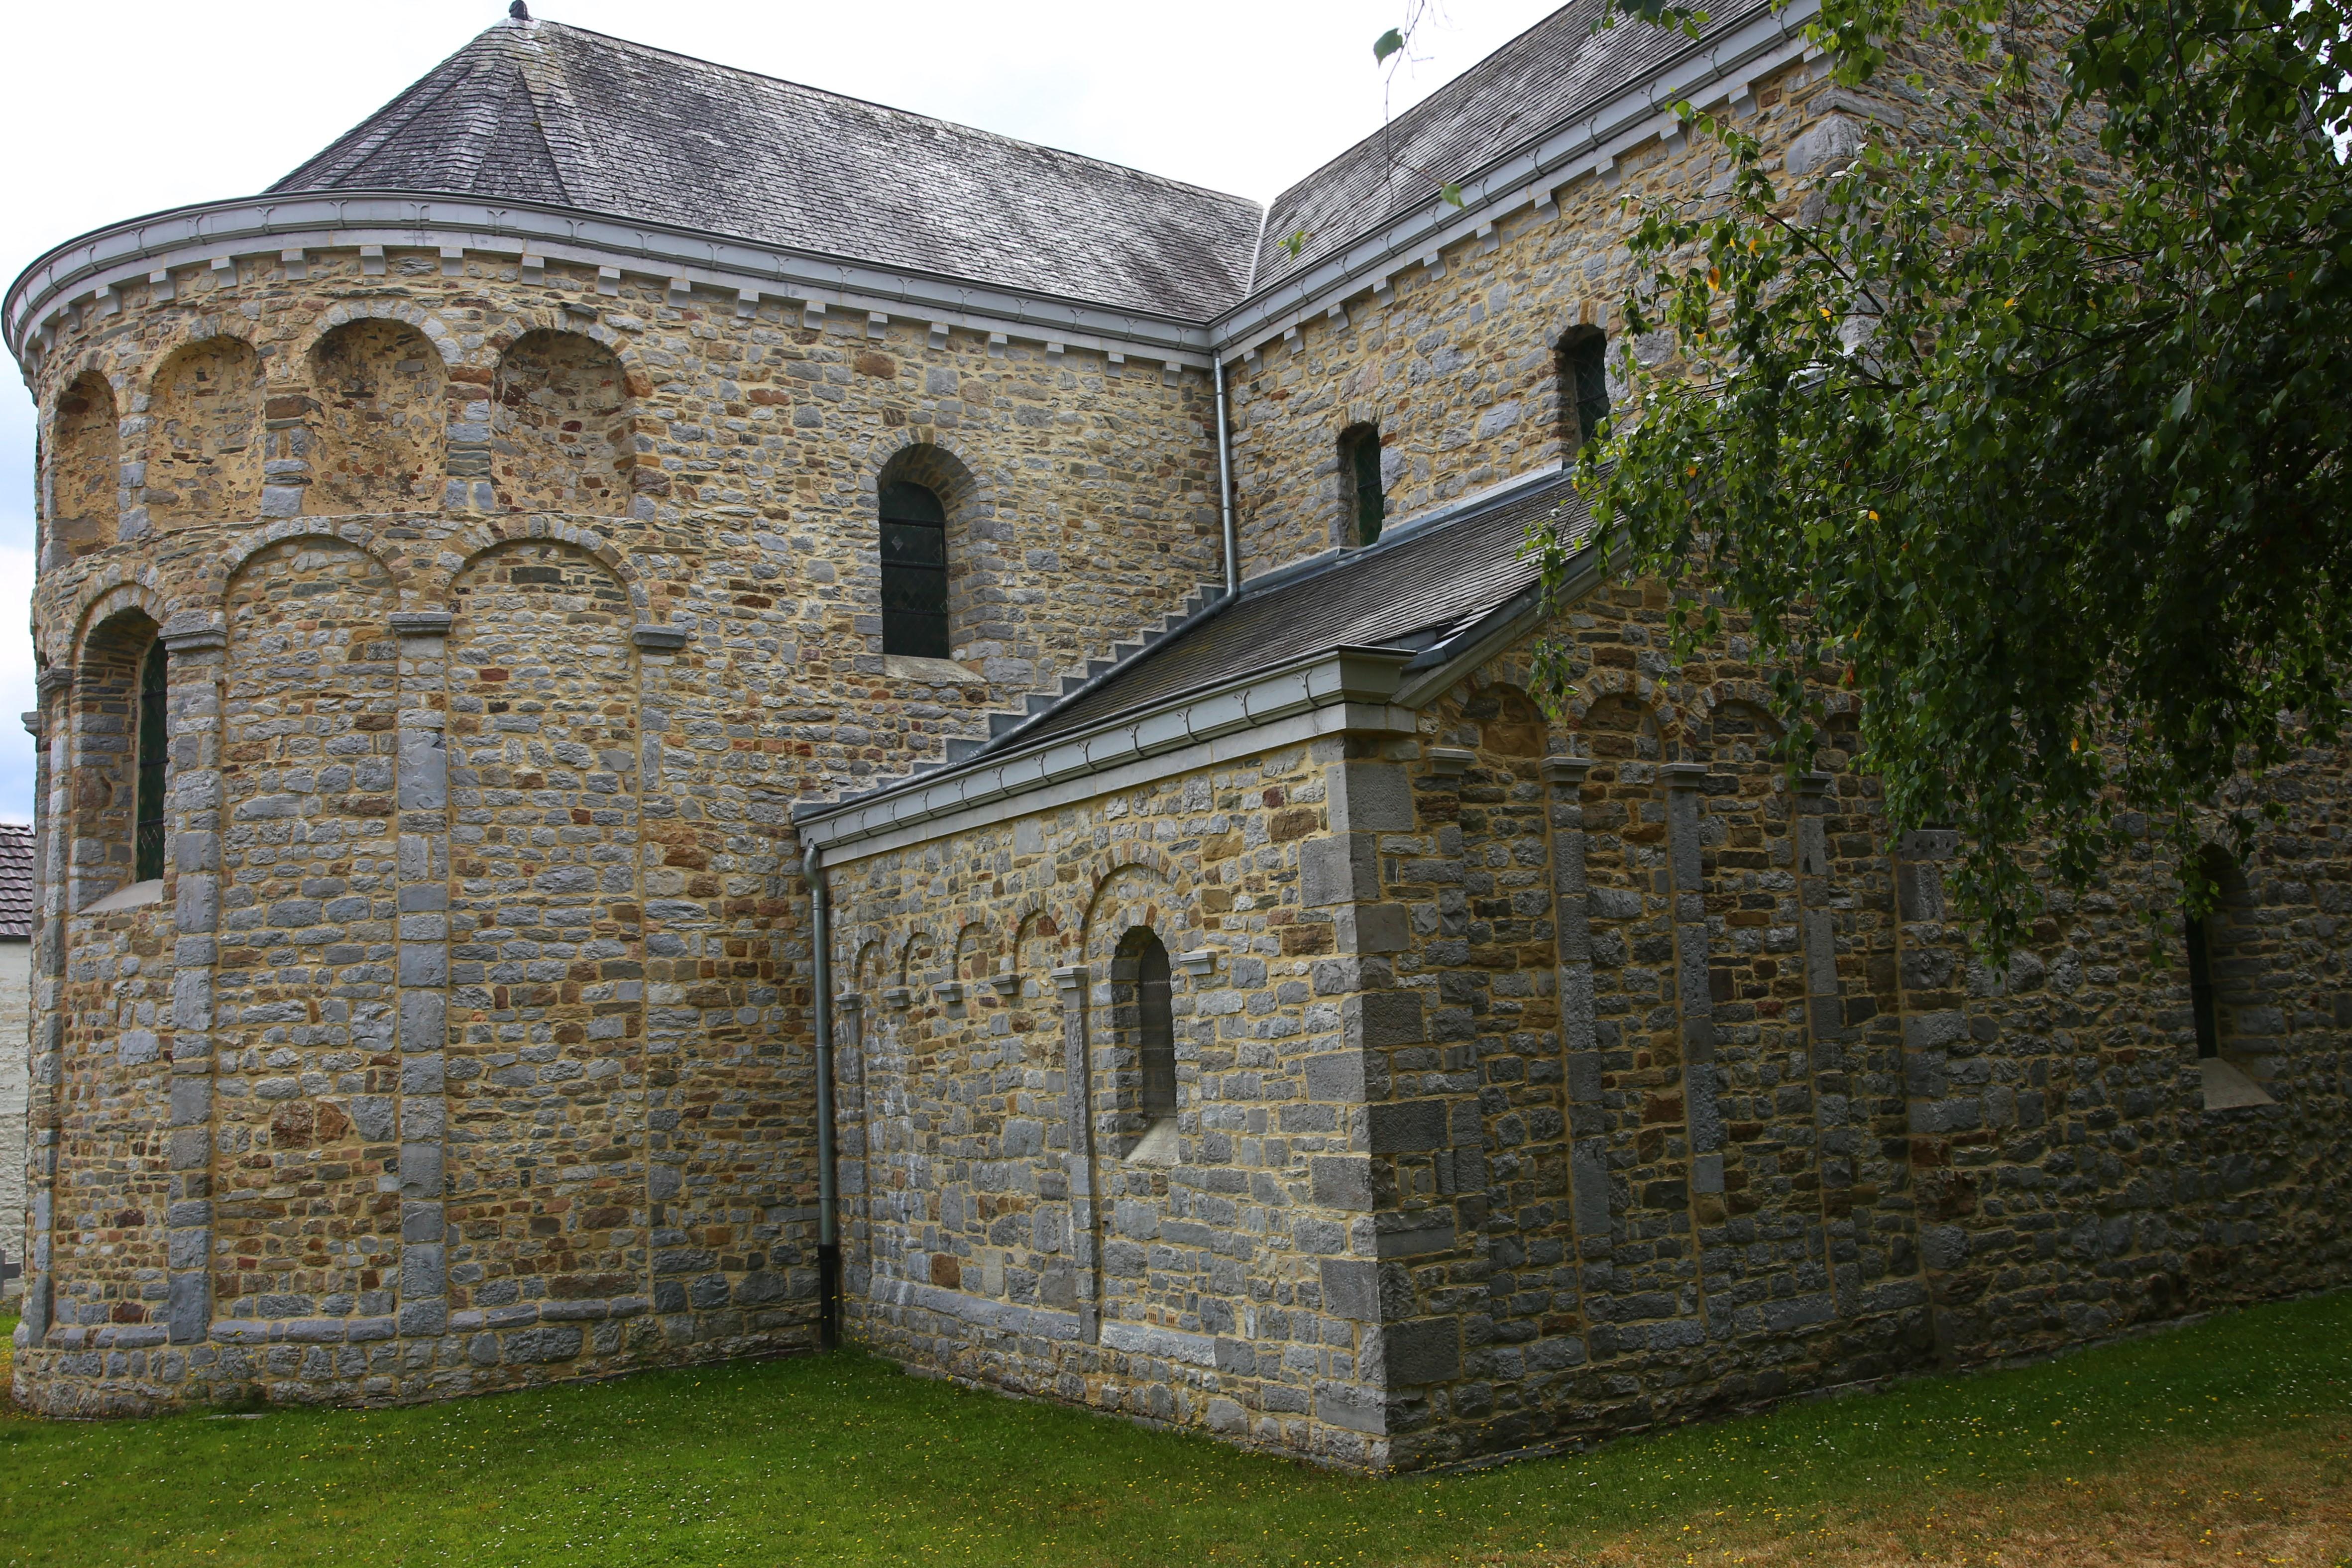 Saint-Pierre-kerk in Xhignesse © Kolet Janssen